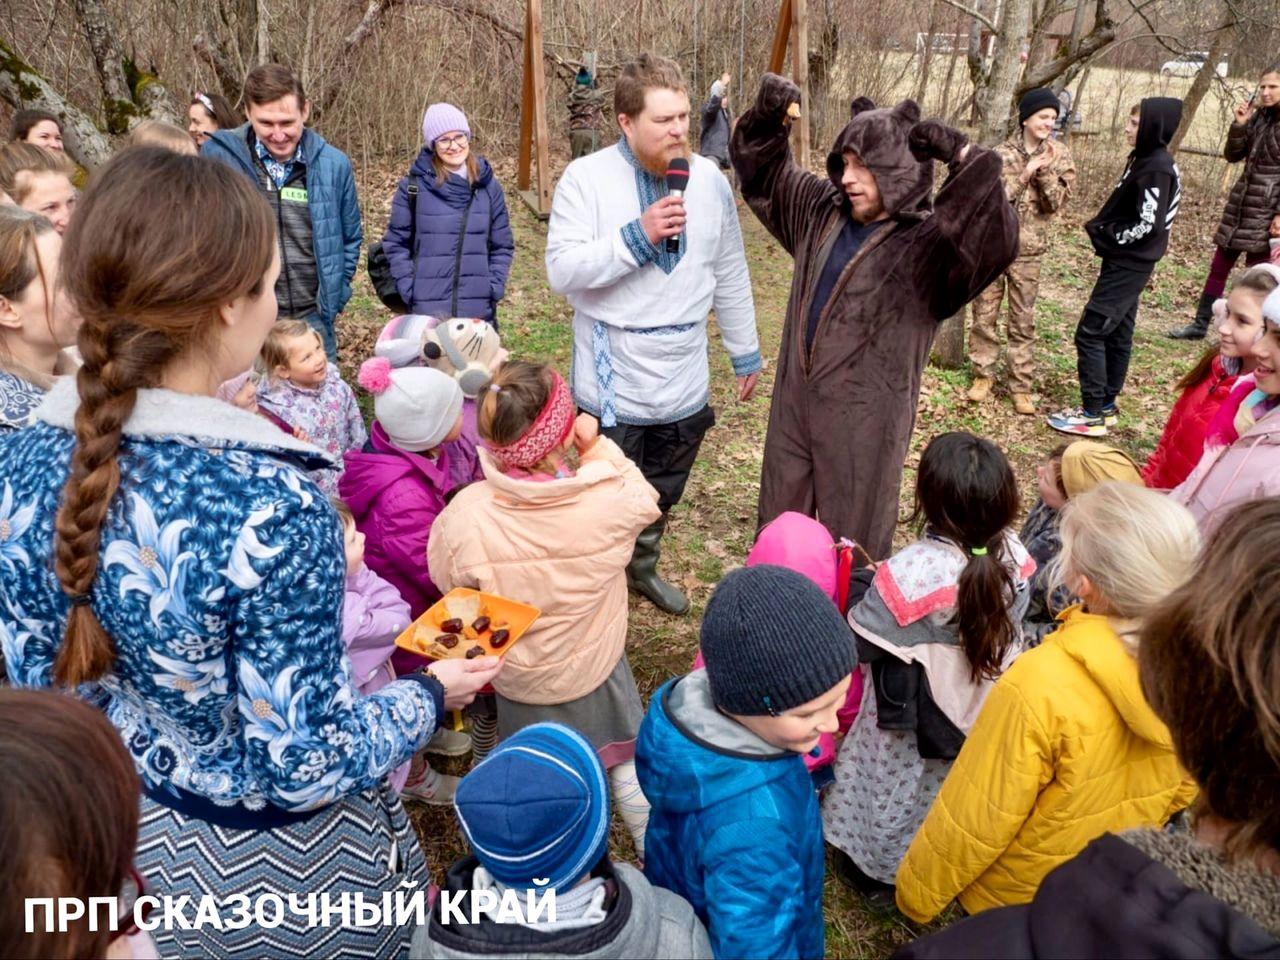 Встреча весны в поселении Сказочный край (3).jpg